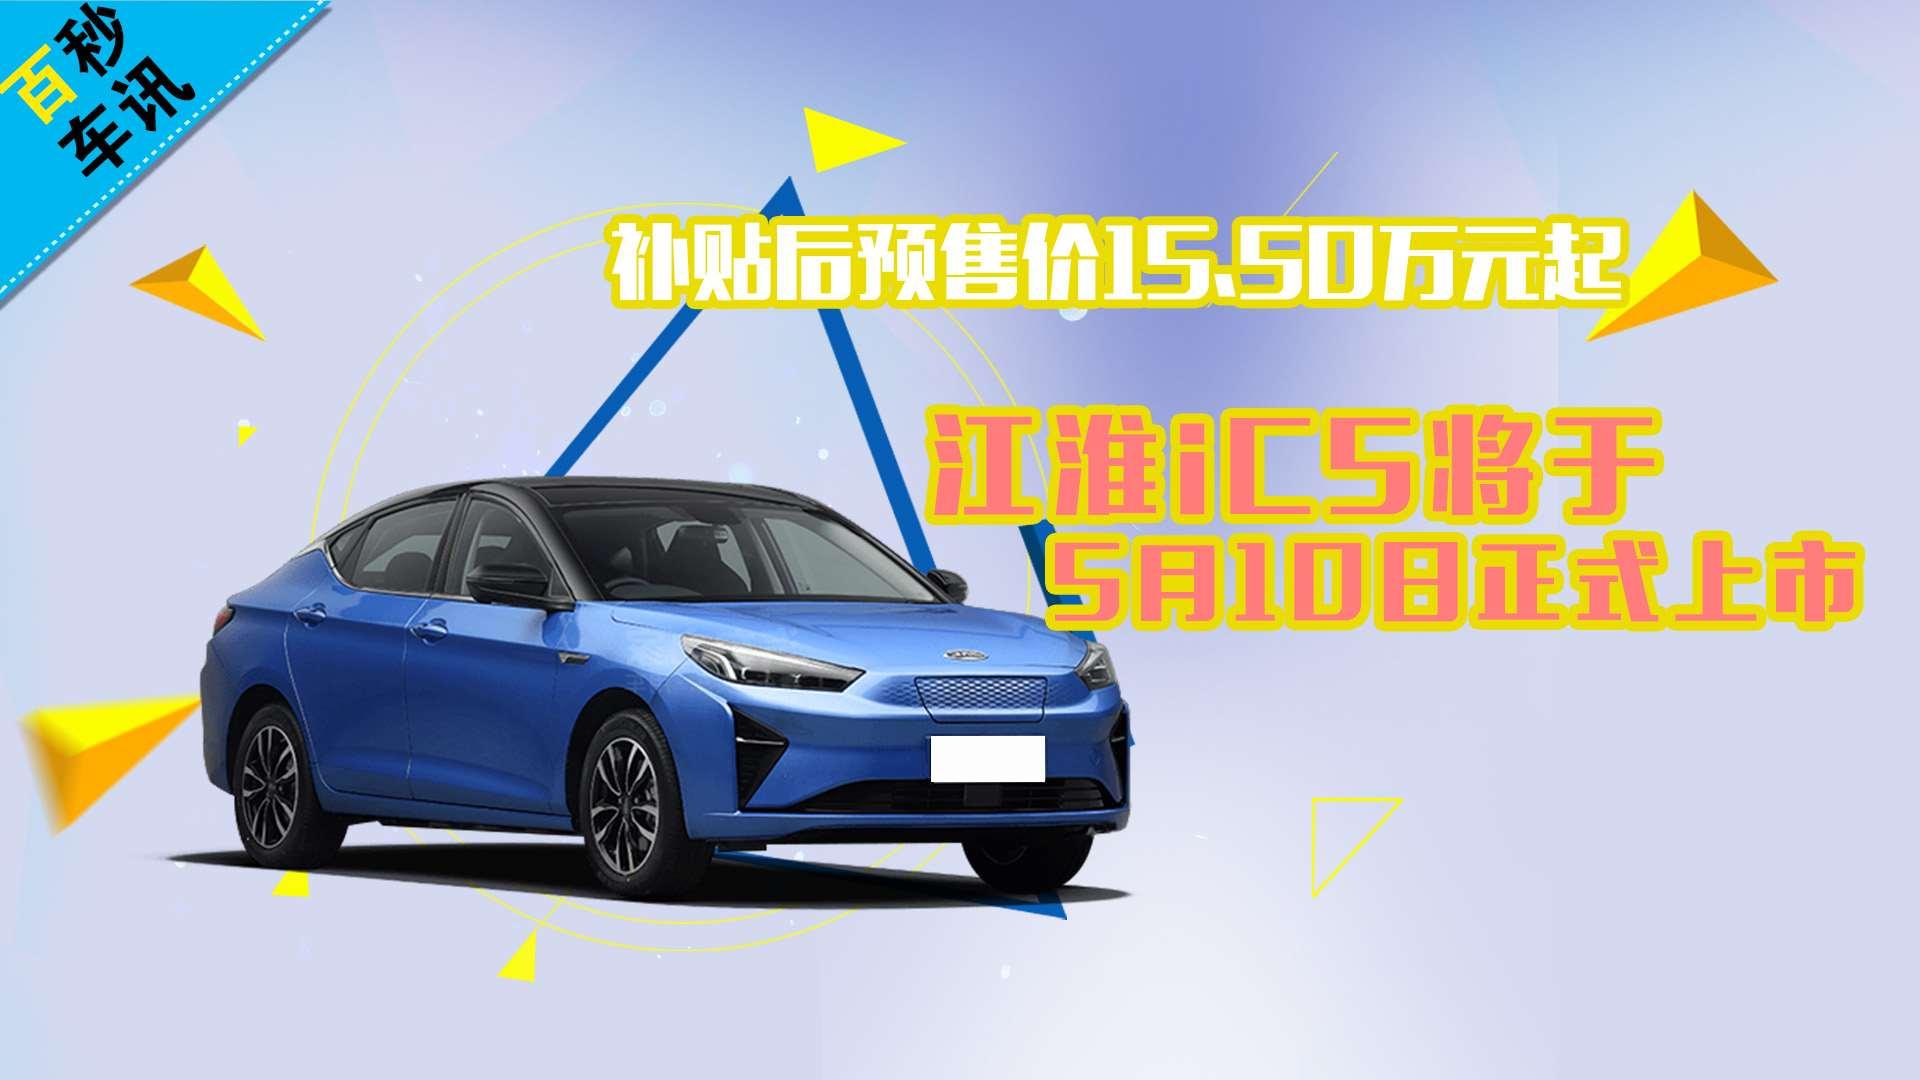 【百秒车讯】补贴后预售价15.50万元起 江淮iC5将于5月10日上市